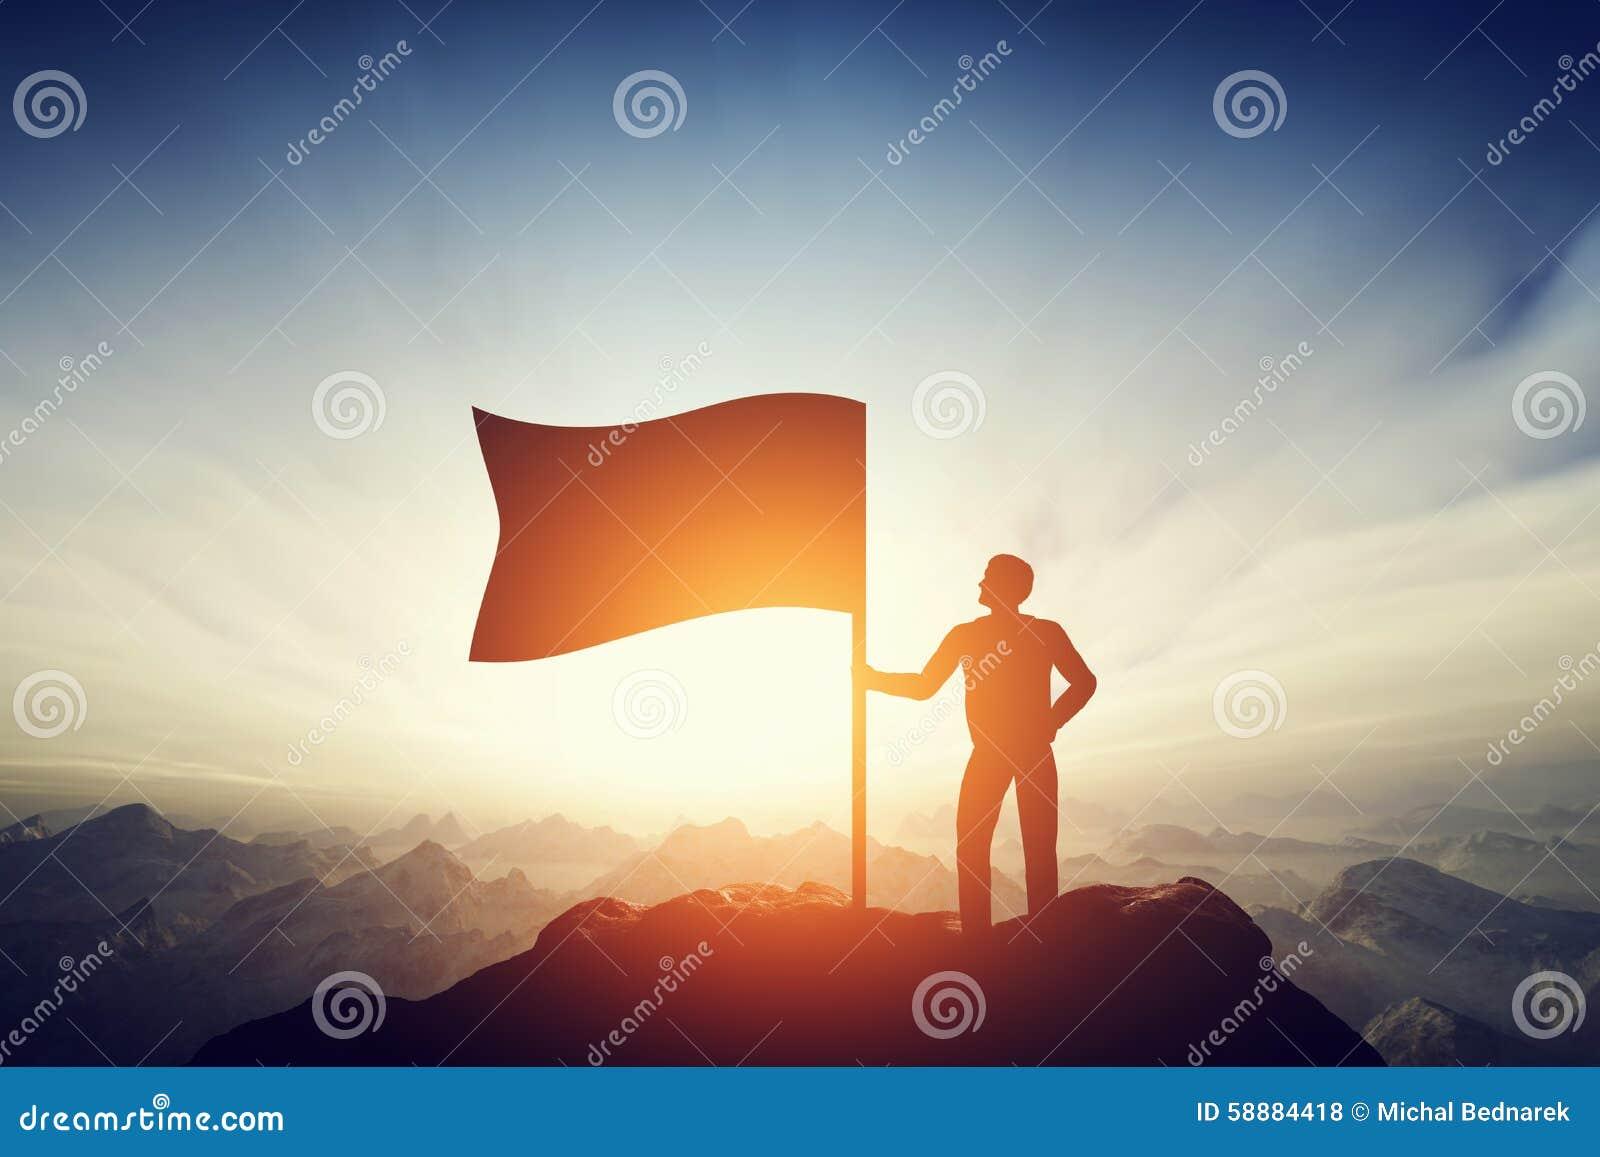 升在山的峰顶的骄傲的人一面旗 挑战,成就